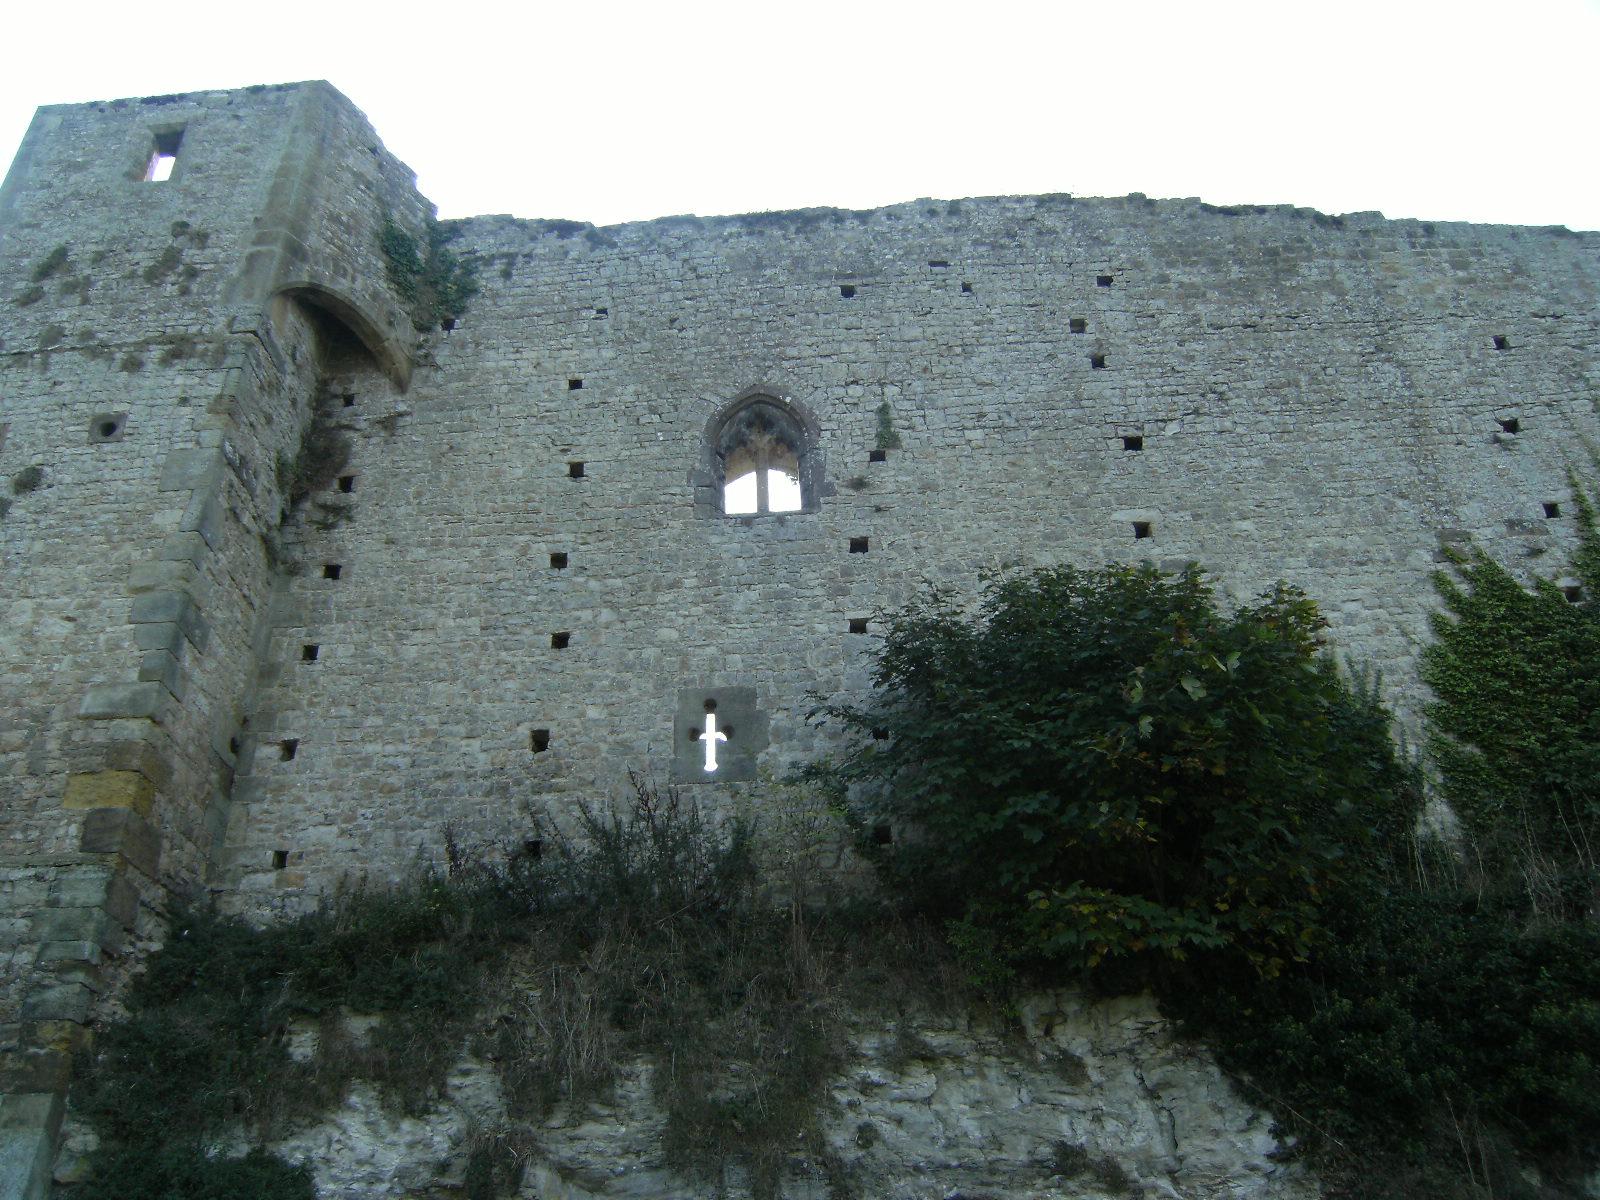 DSCF9920 Amberley Castle